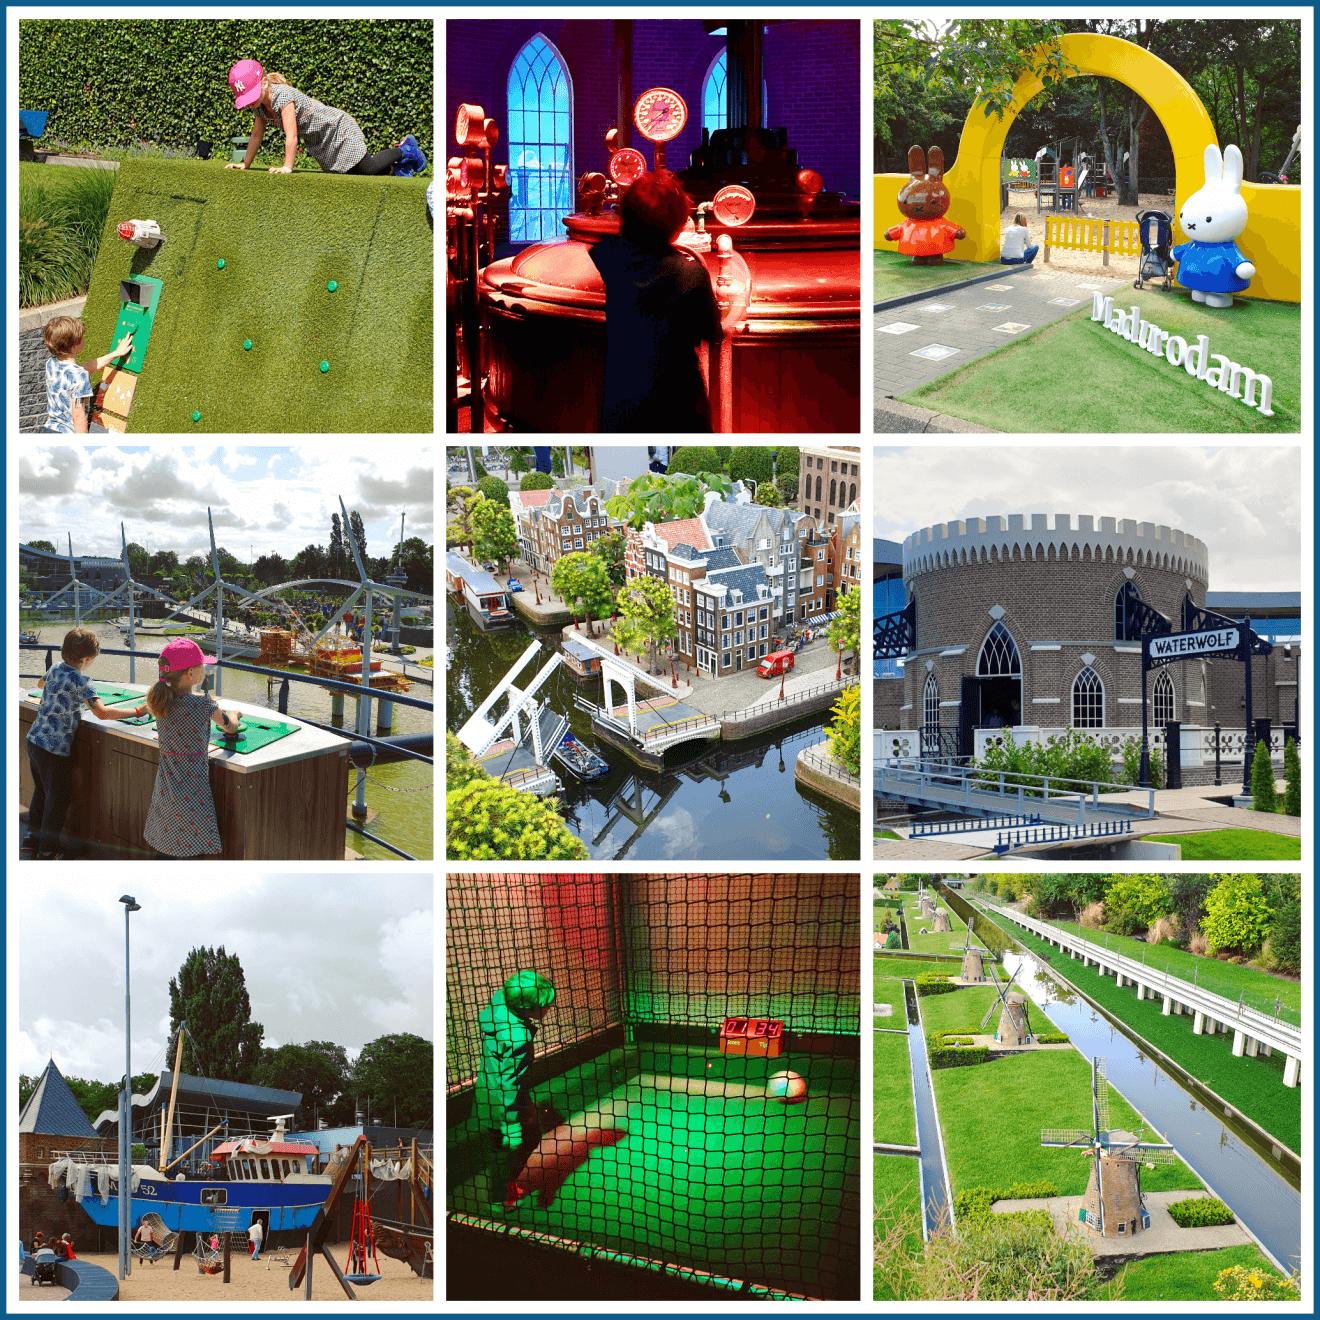 Madurodam in Den Haag: miniatuurstad, speeltuinen en indoor attracties